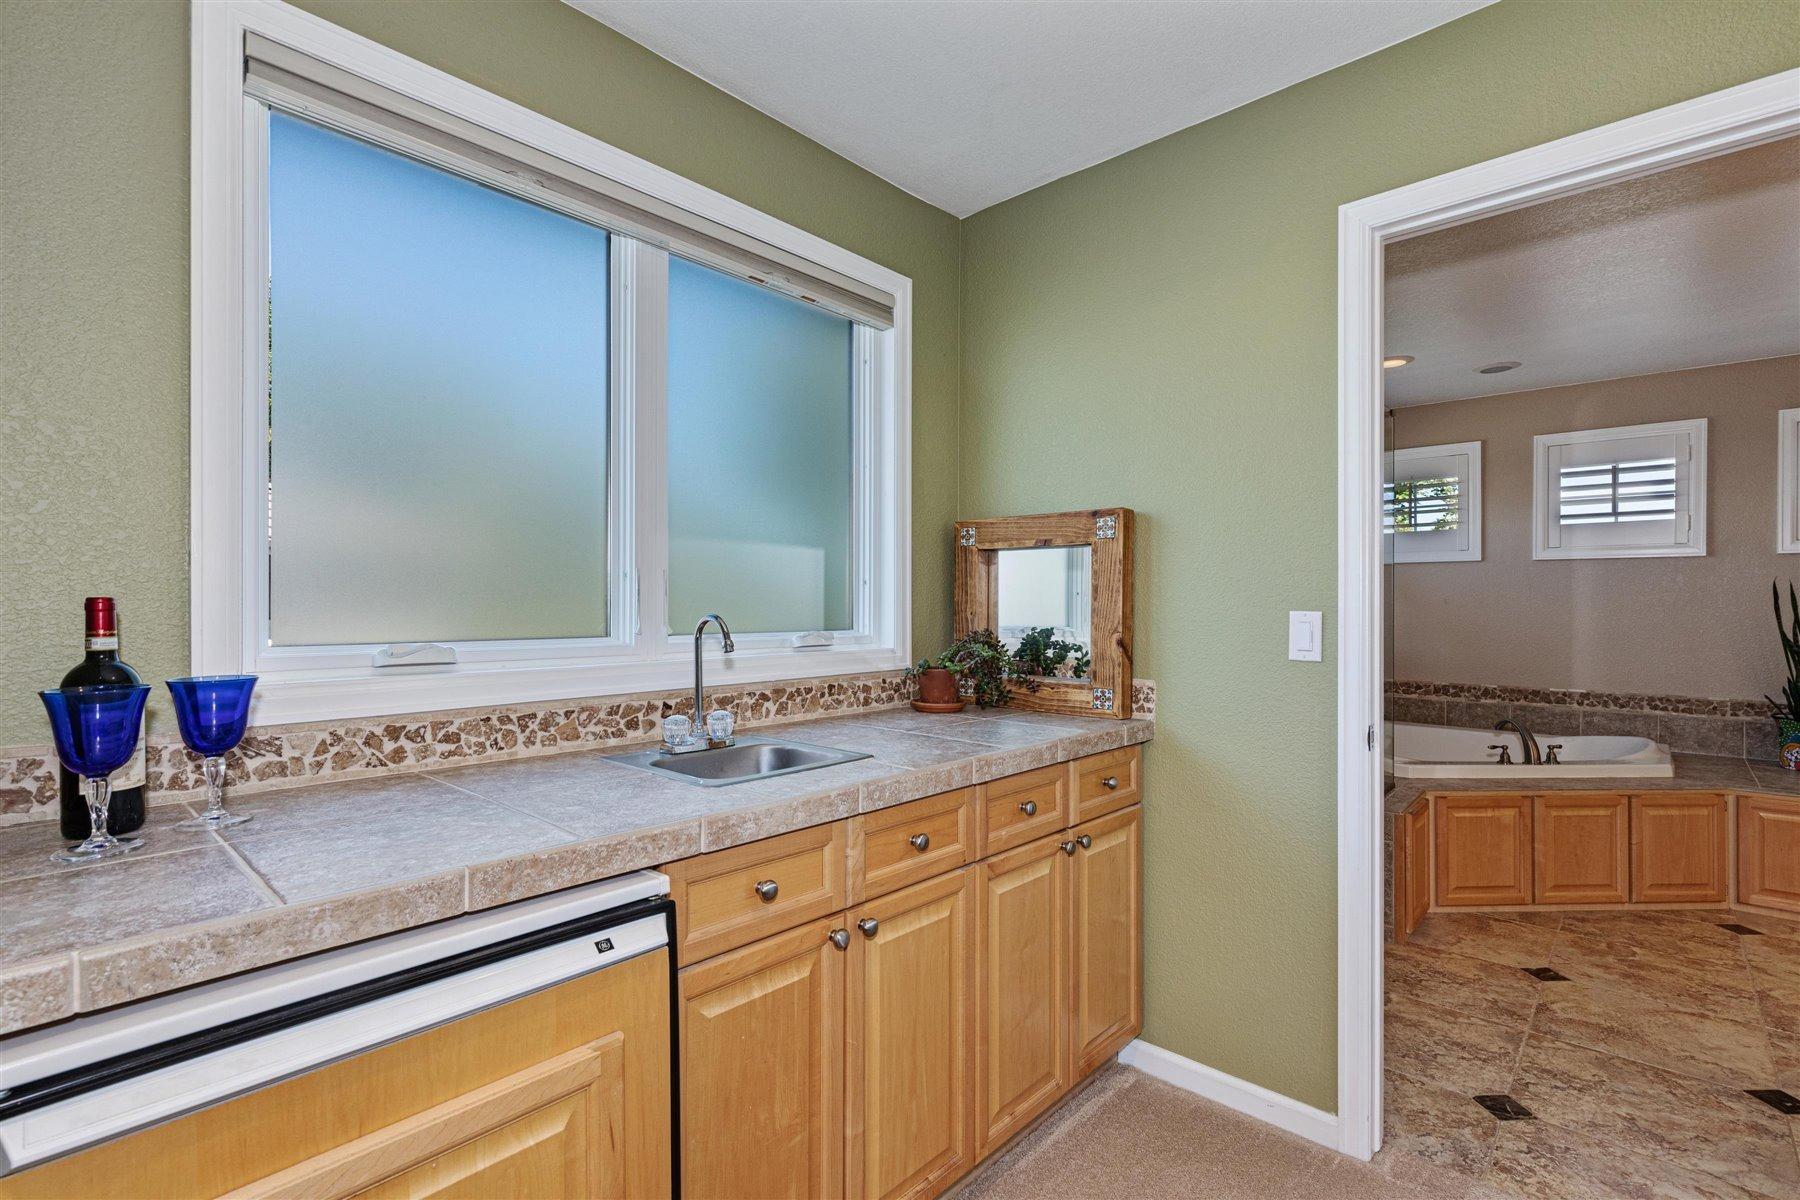 Midnight Kitchen in Master Suite